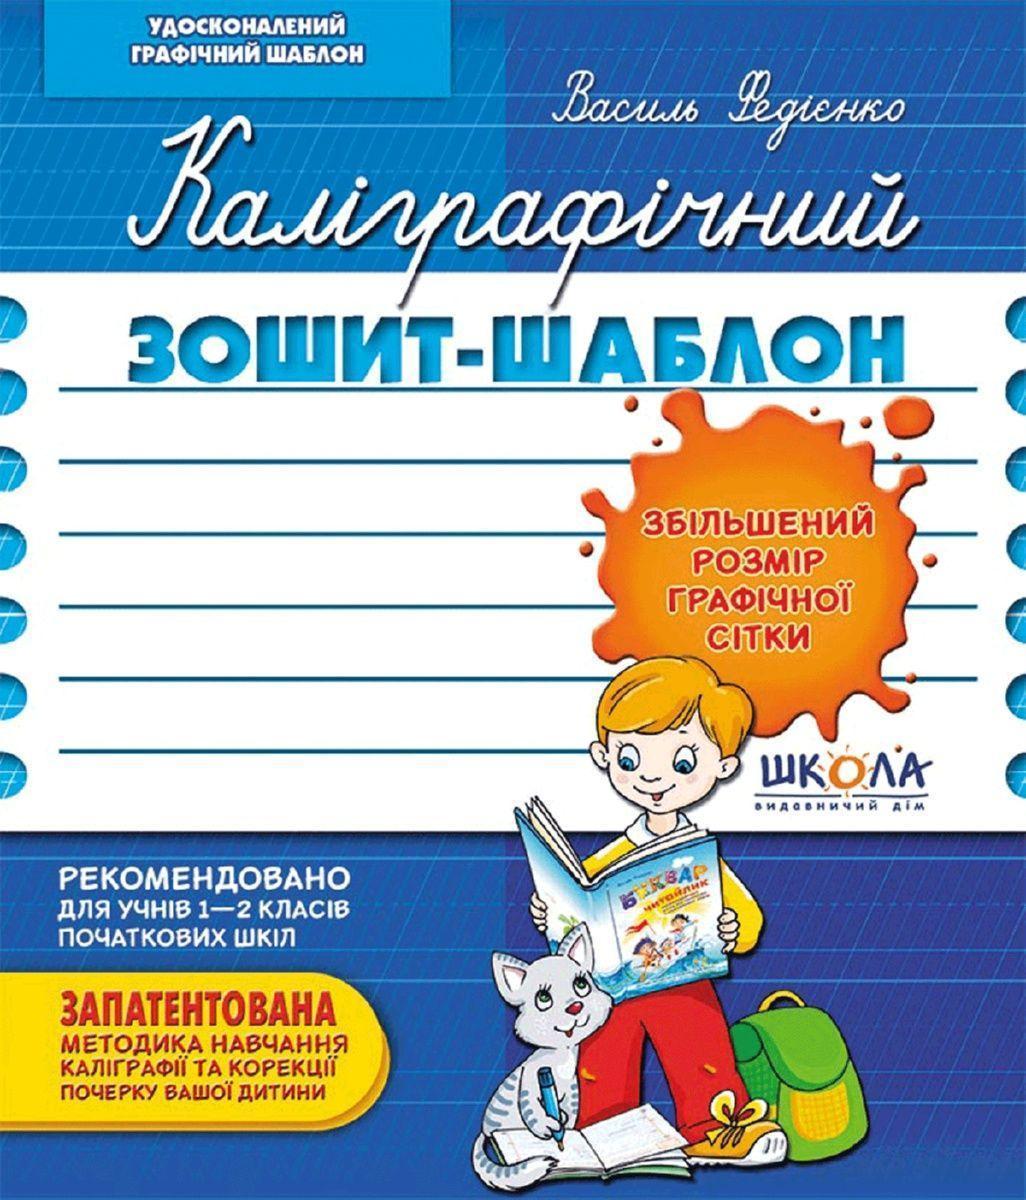 Каліграфічний зошит - шаблон Федієнко Синій Школа 12 аркушів учнівський